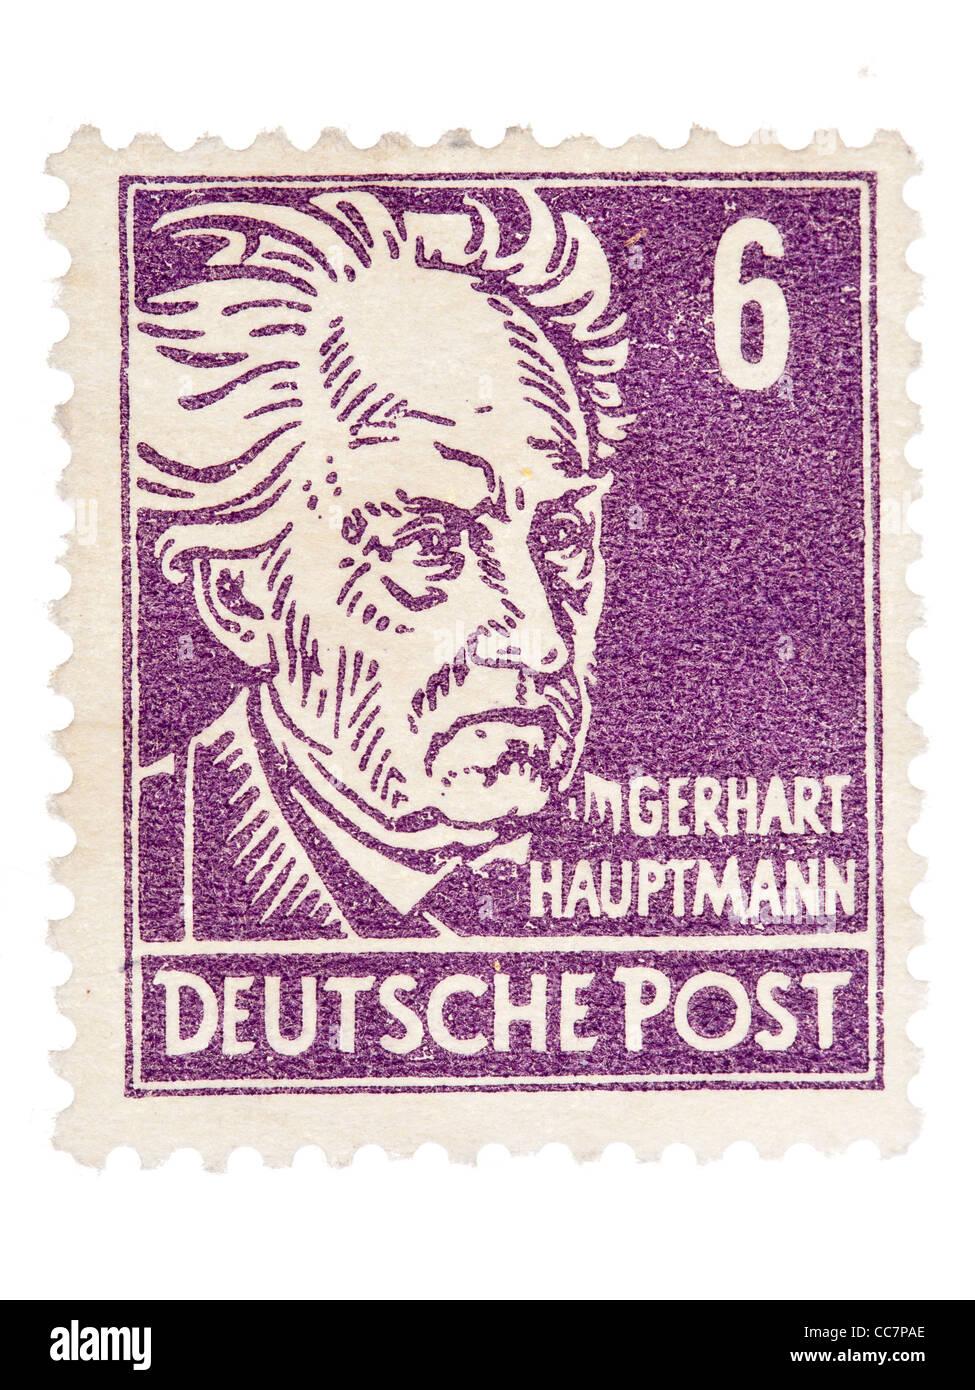 Postage stamp: Deutsche Post, DDR, 1952, Gerhart Hauptmann, 6 pfennig, mint condition - Stock Image